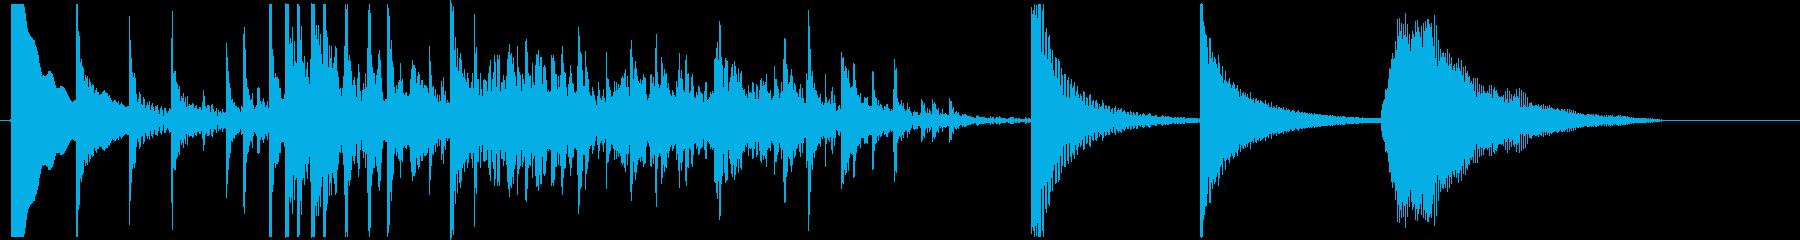 民族楽器パーカッション ジャラーンの再生済みの波形